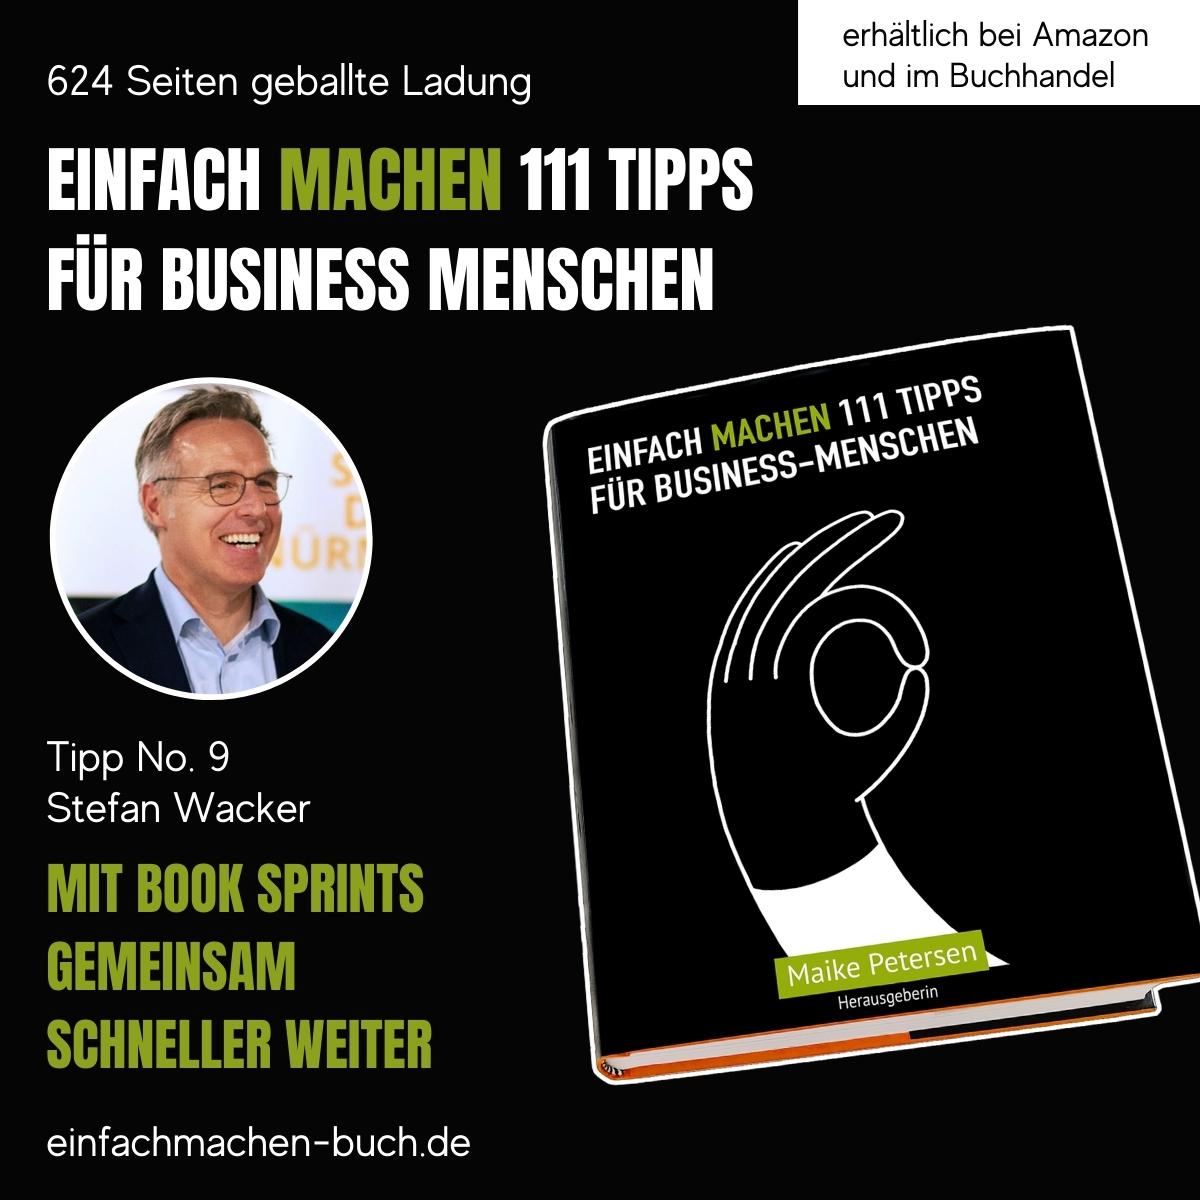 EINFACH MACHEN Tipp No. 9 | Stepfan Wacker - Mit Book Sprints gemeinsam schneller weiter